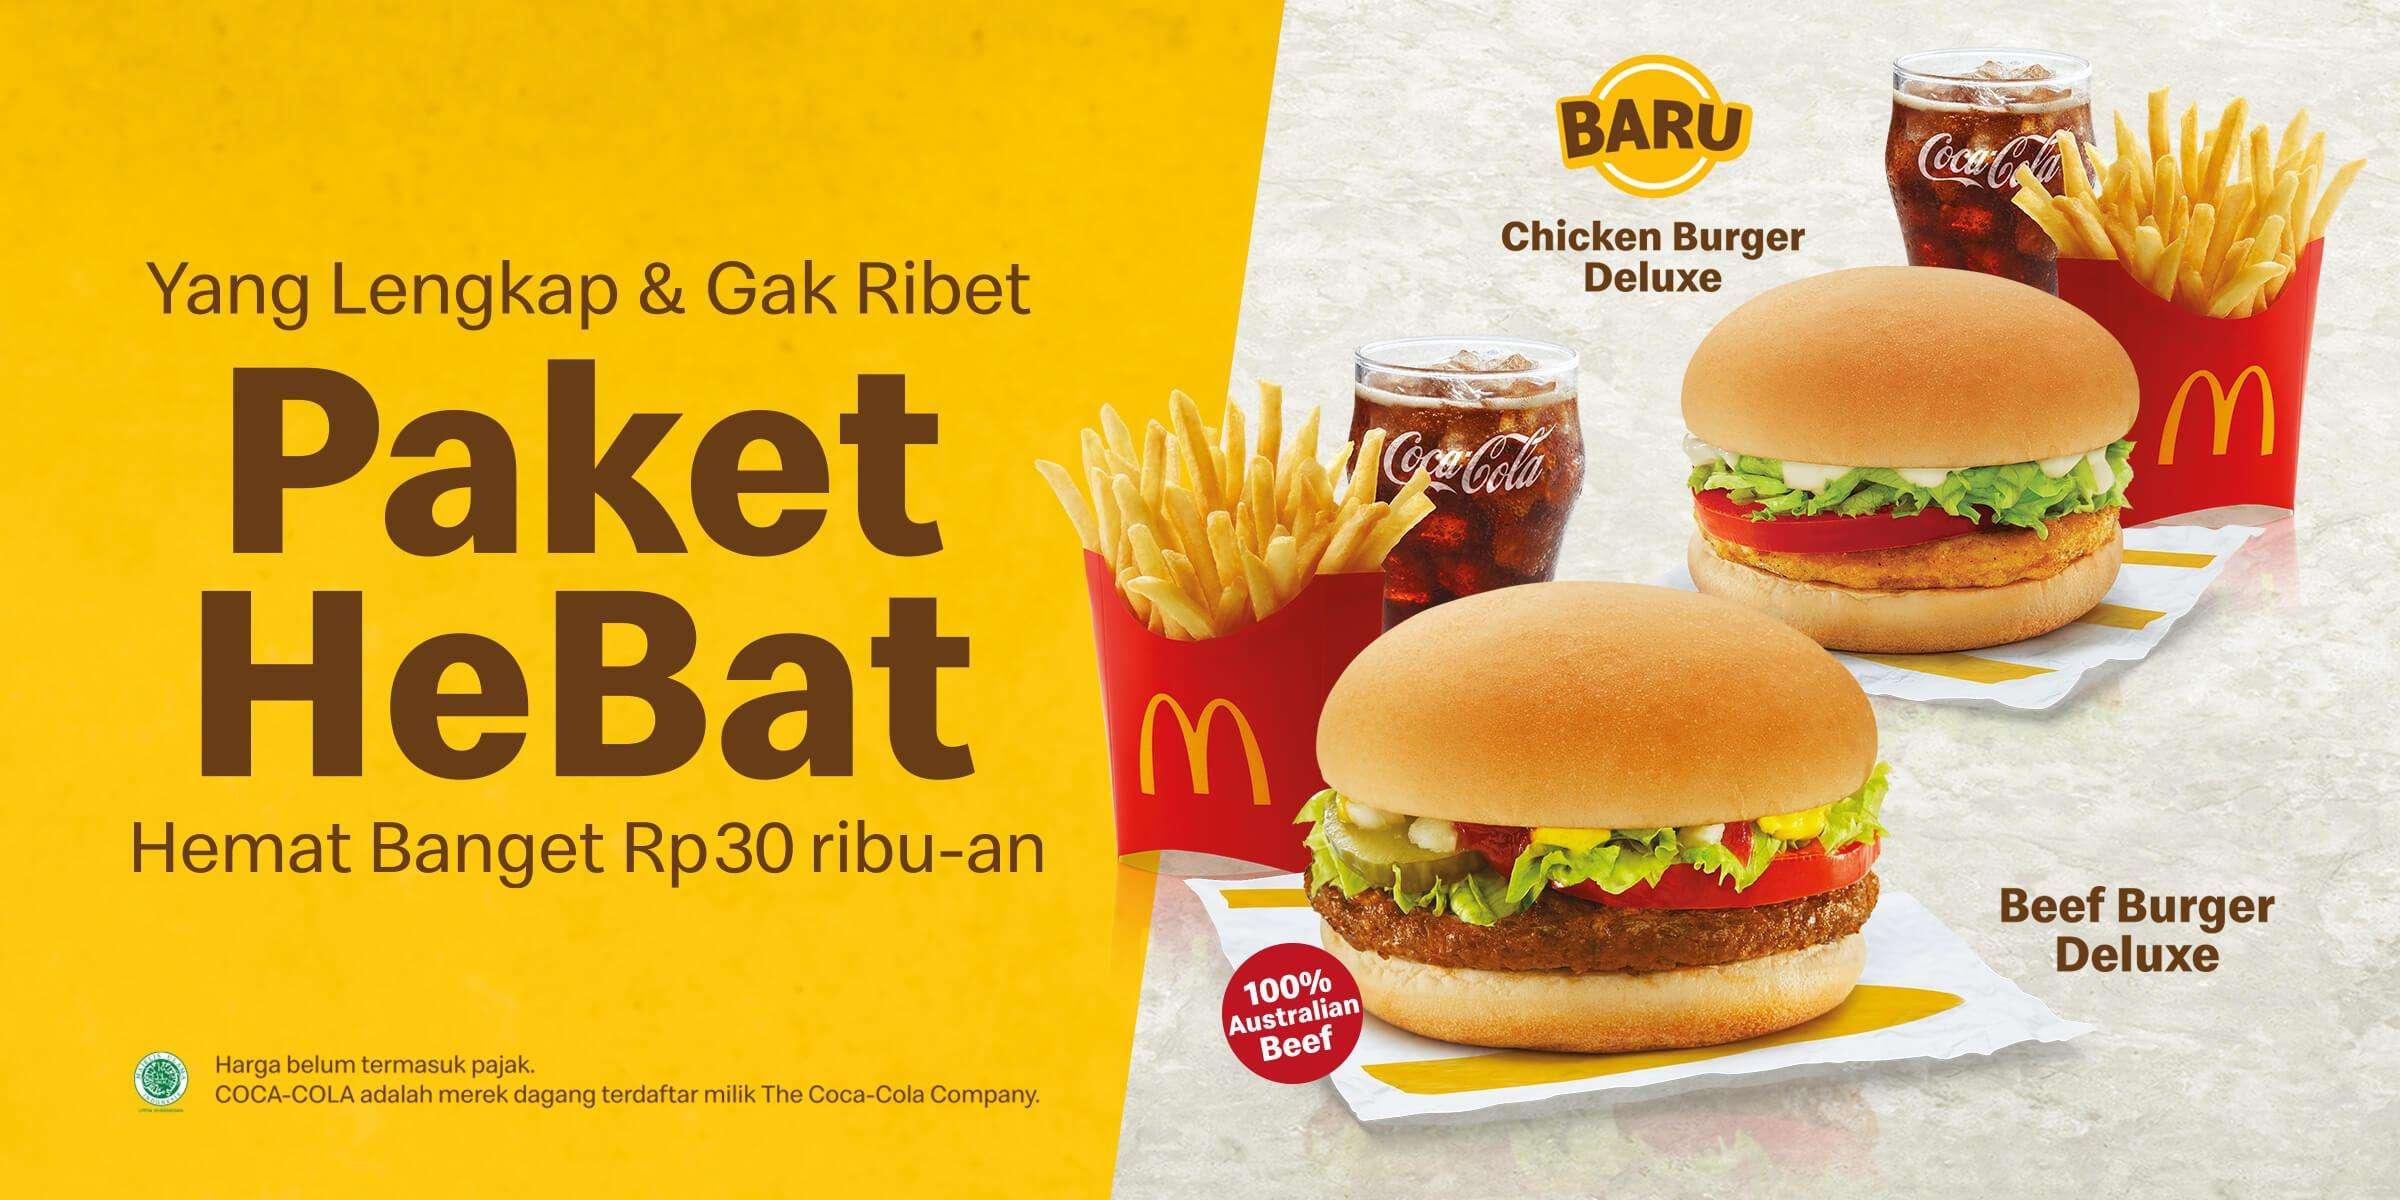 Diskon McDonalds Promo Harga Spesial Paket HeBat Mulai Dari Rp. 30ribuan